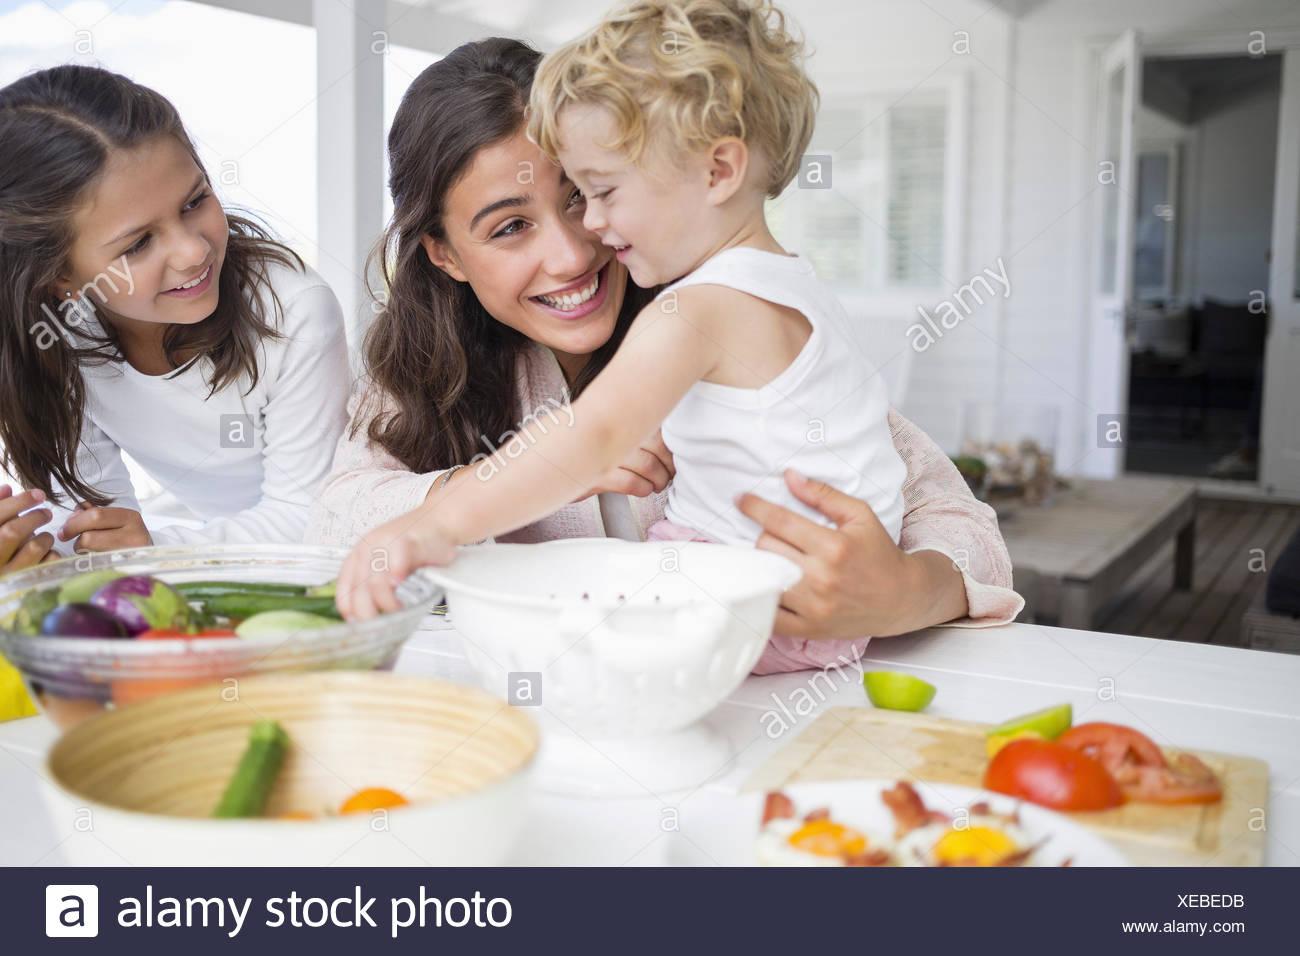 Glückliche junge Familie vorbereiten Gemüse zu Hause Stockbild